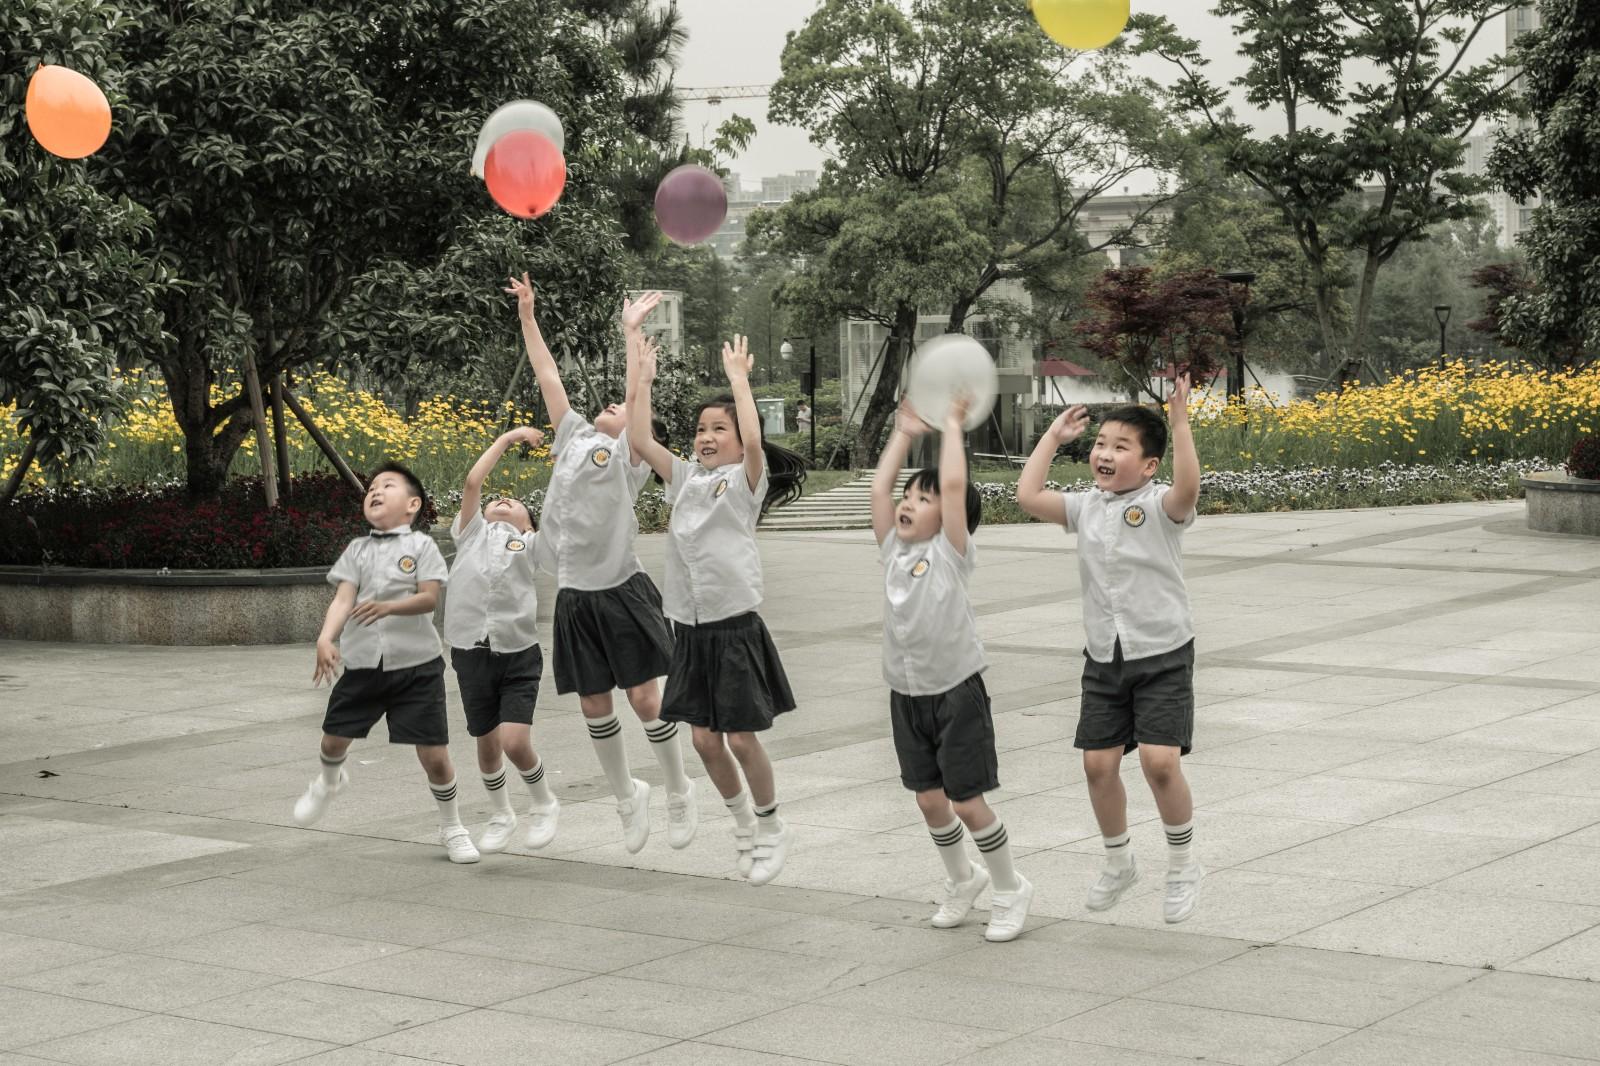 台州温岭-林国平 《童趣》 宾得.jpg